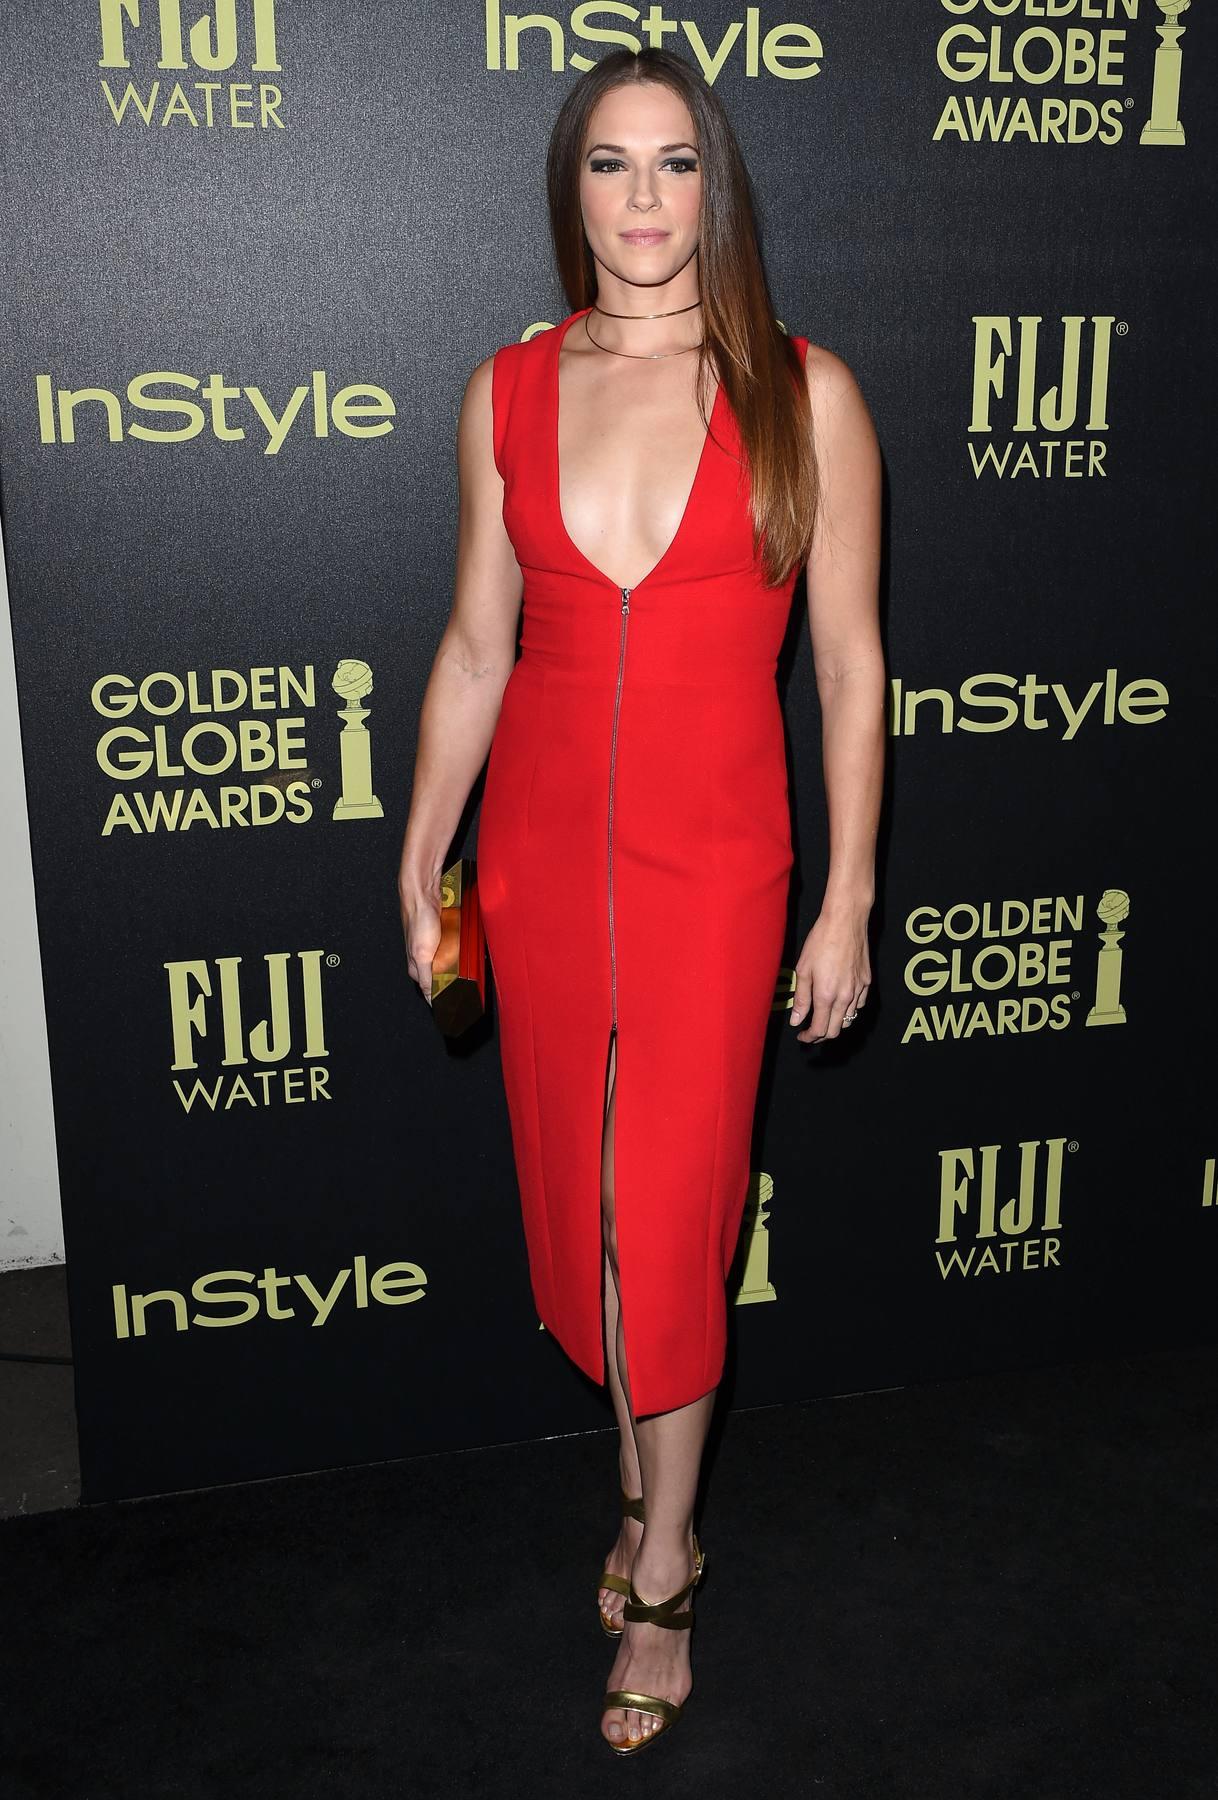 Amanda Righetti Looks Pretty in Red at HFPA Event-1